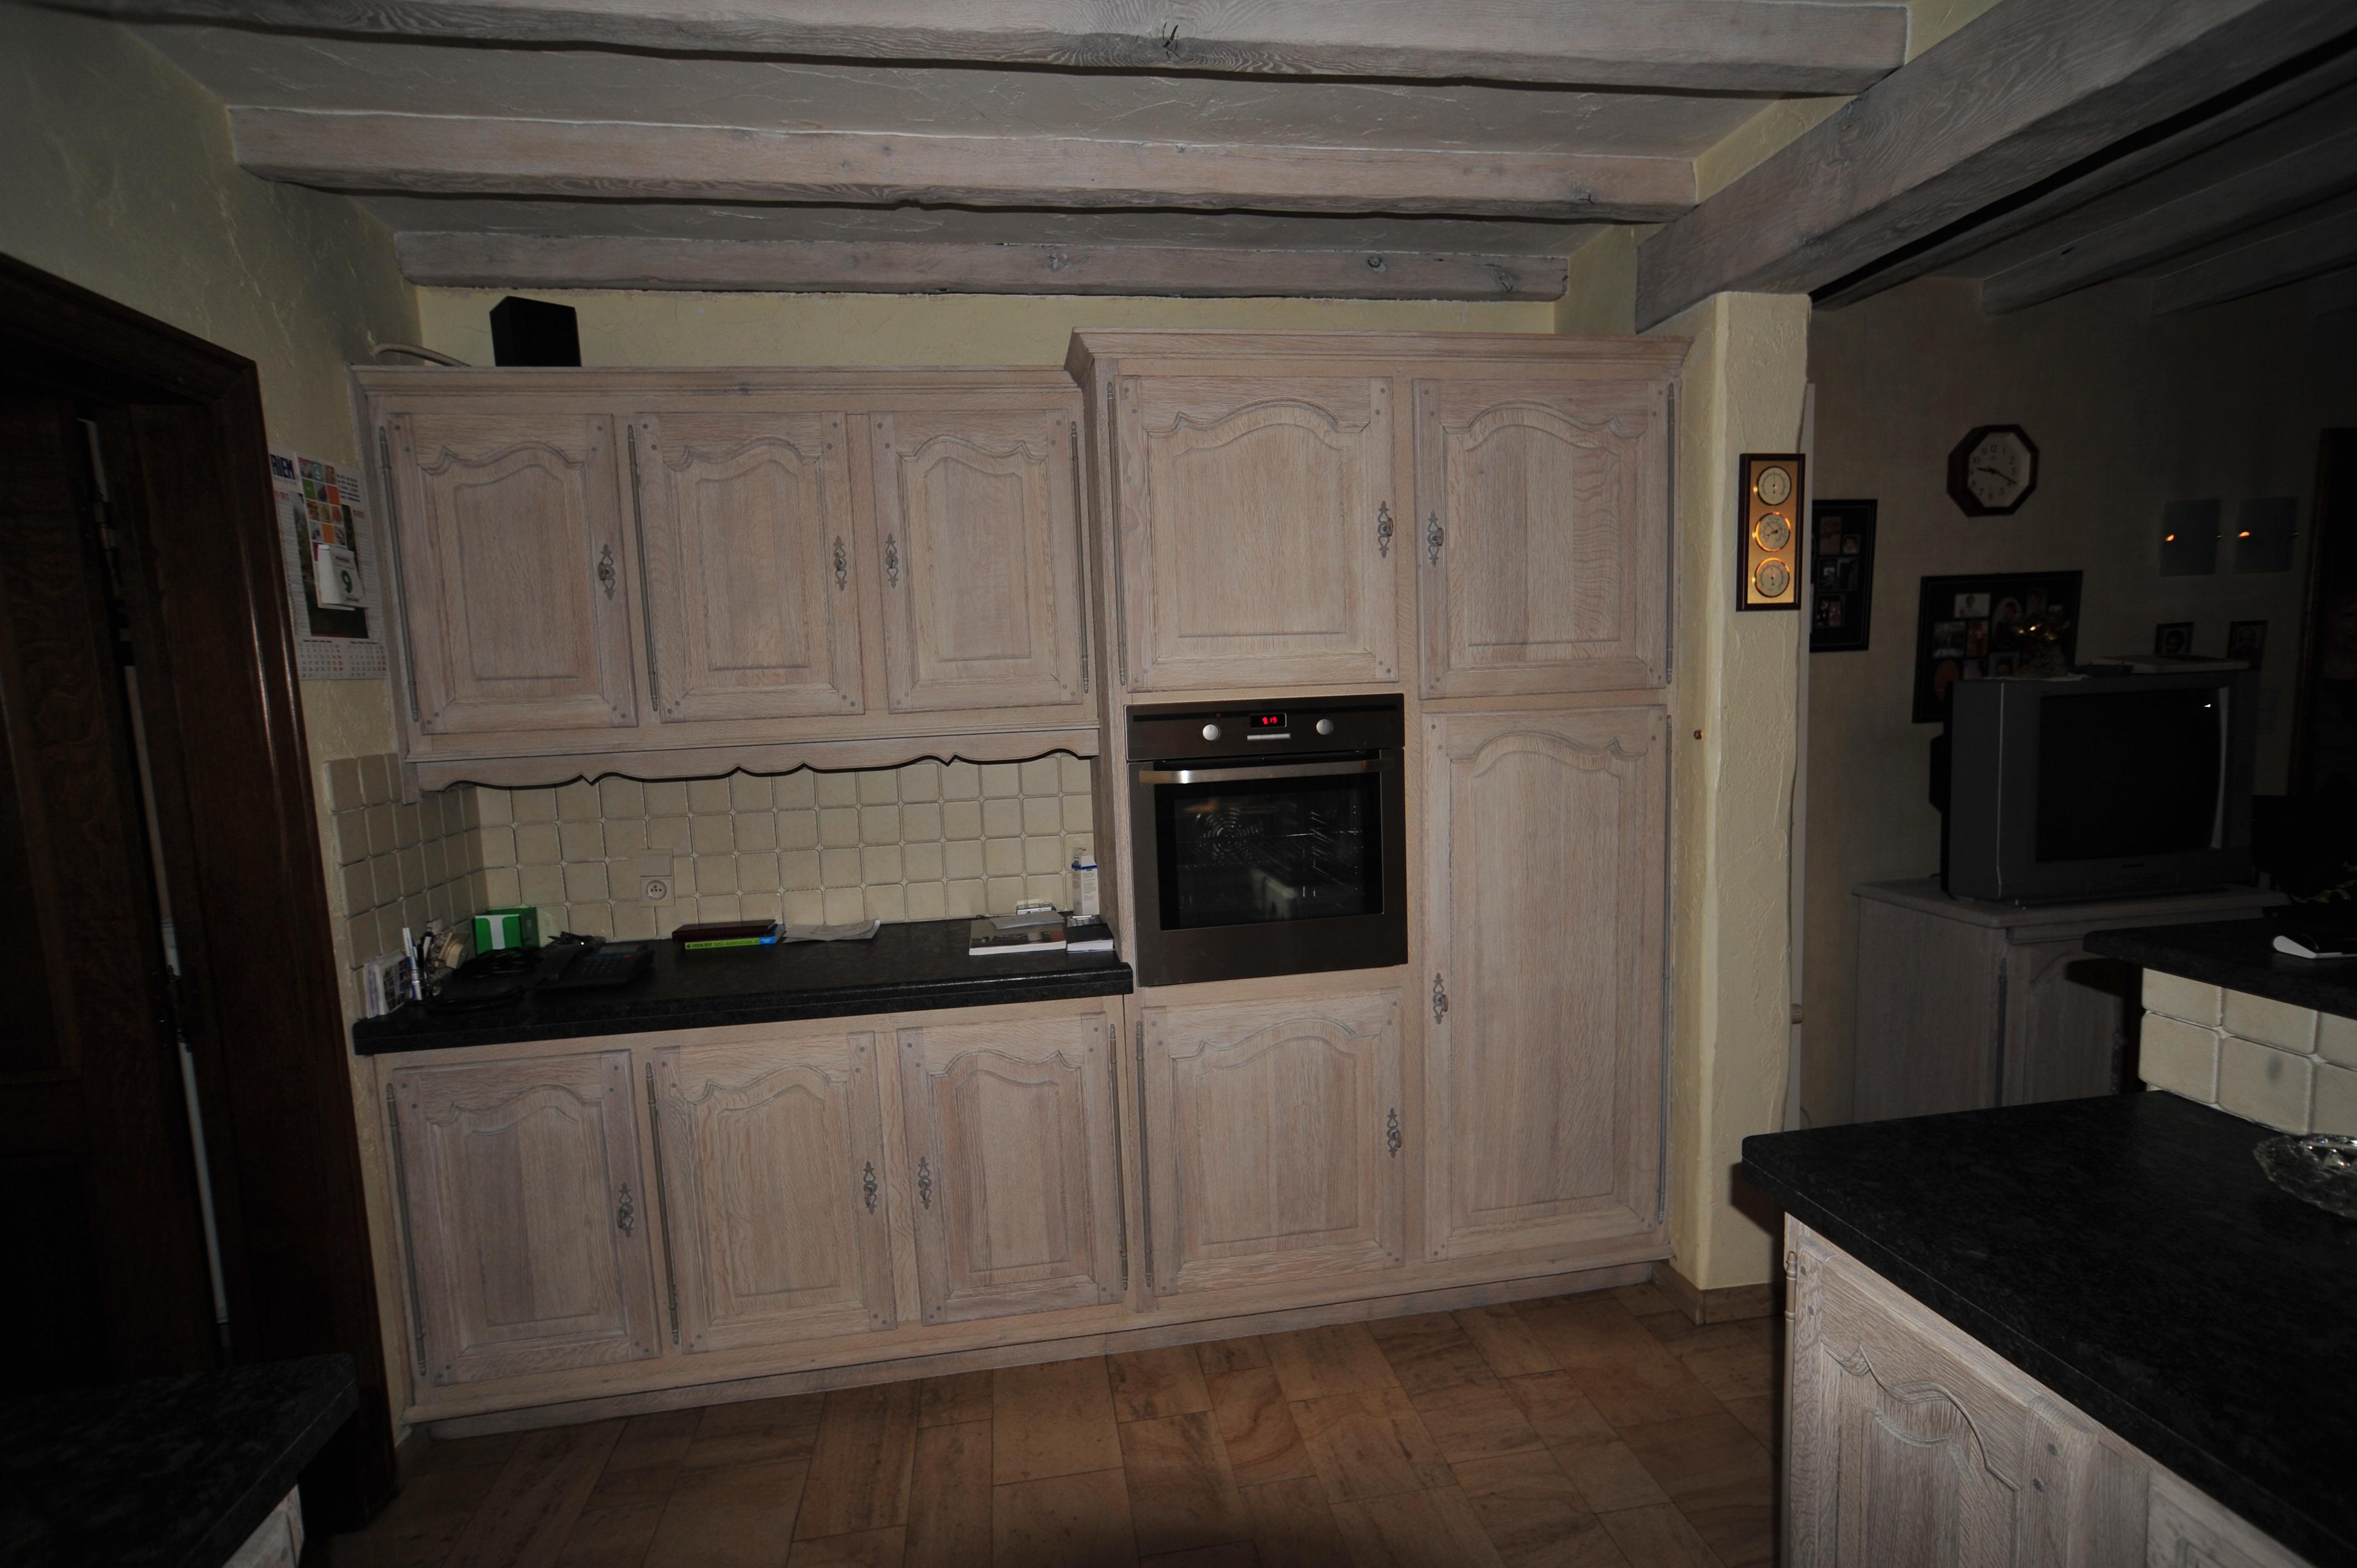 Slaapkamermuur verven beste inspiratie voor interieur design en meubels idee n for Schilderen moderne volwassen kamer